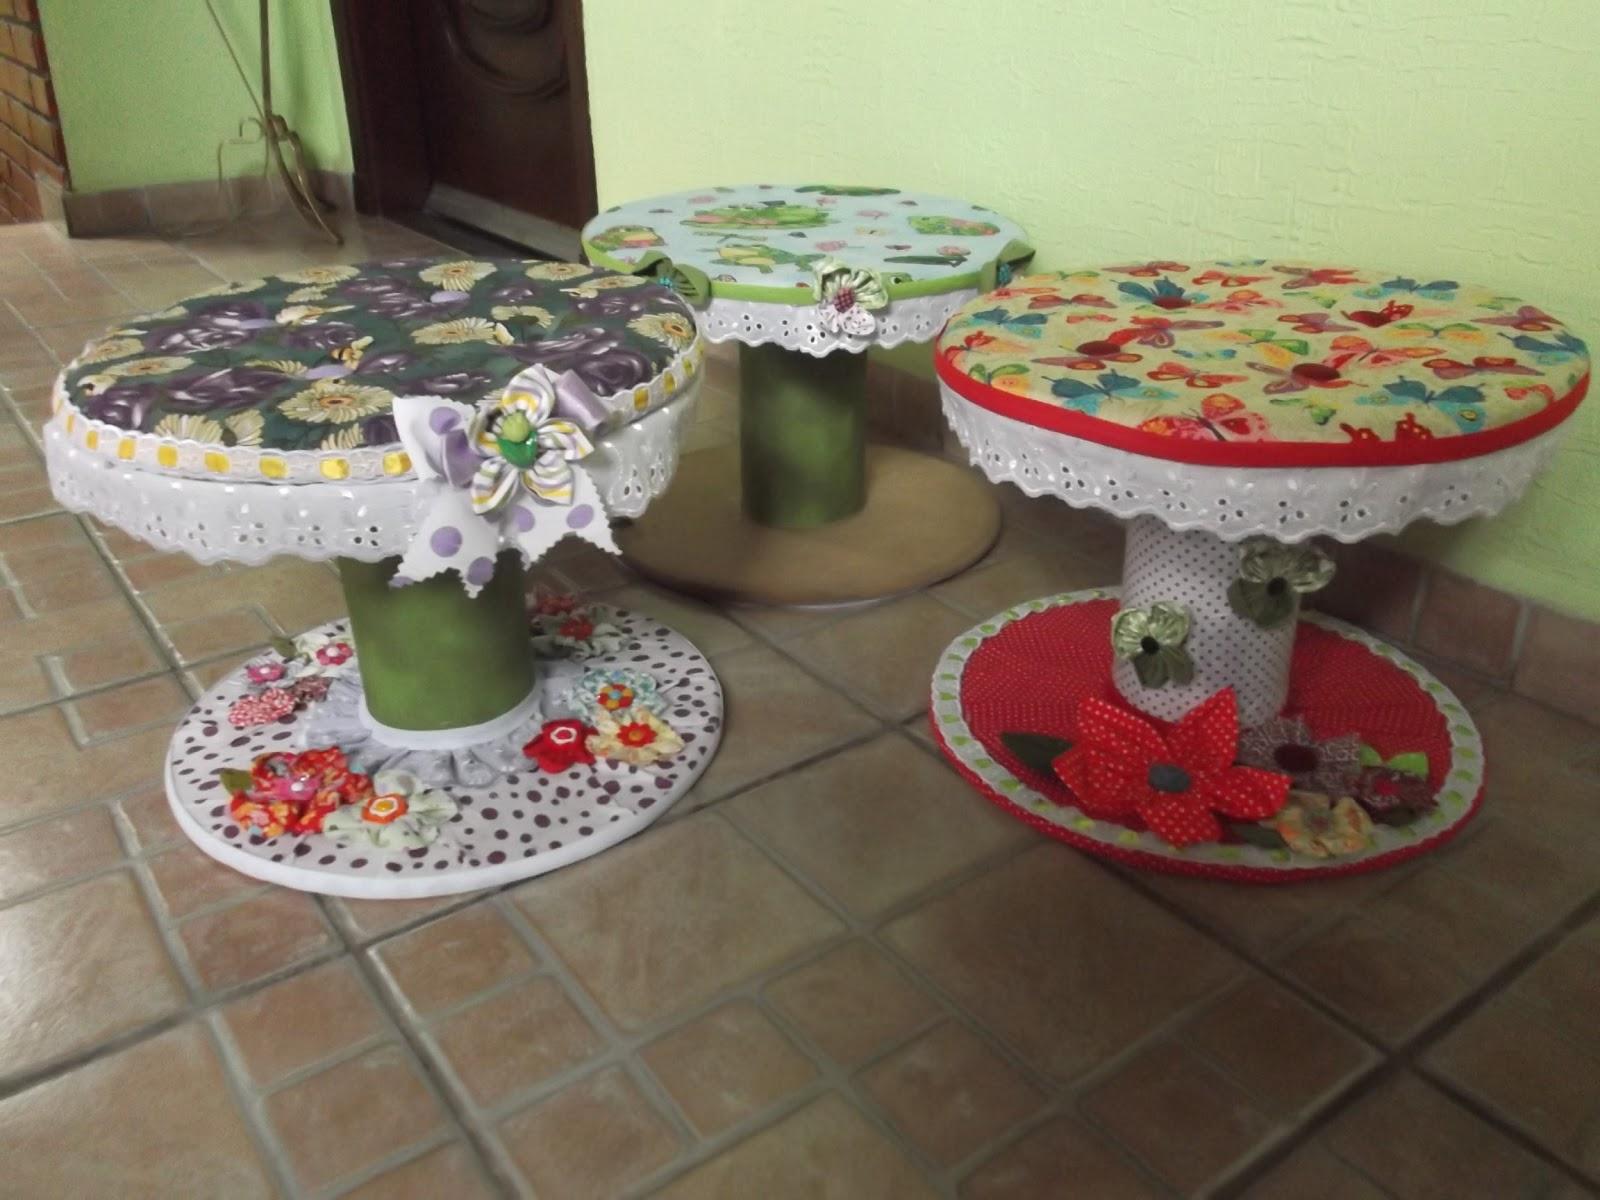 Claudia Arte e Telas: Trabalhos com tecido barricas caixotes e  #A12A2C 1600x1200